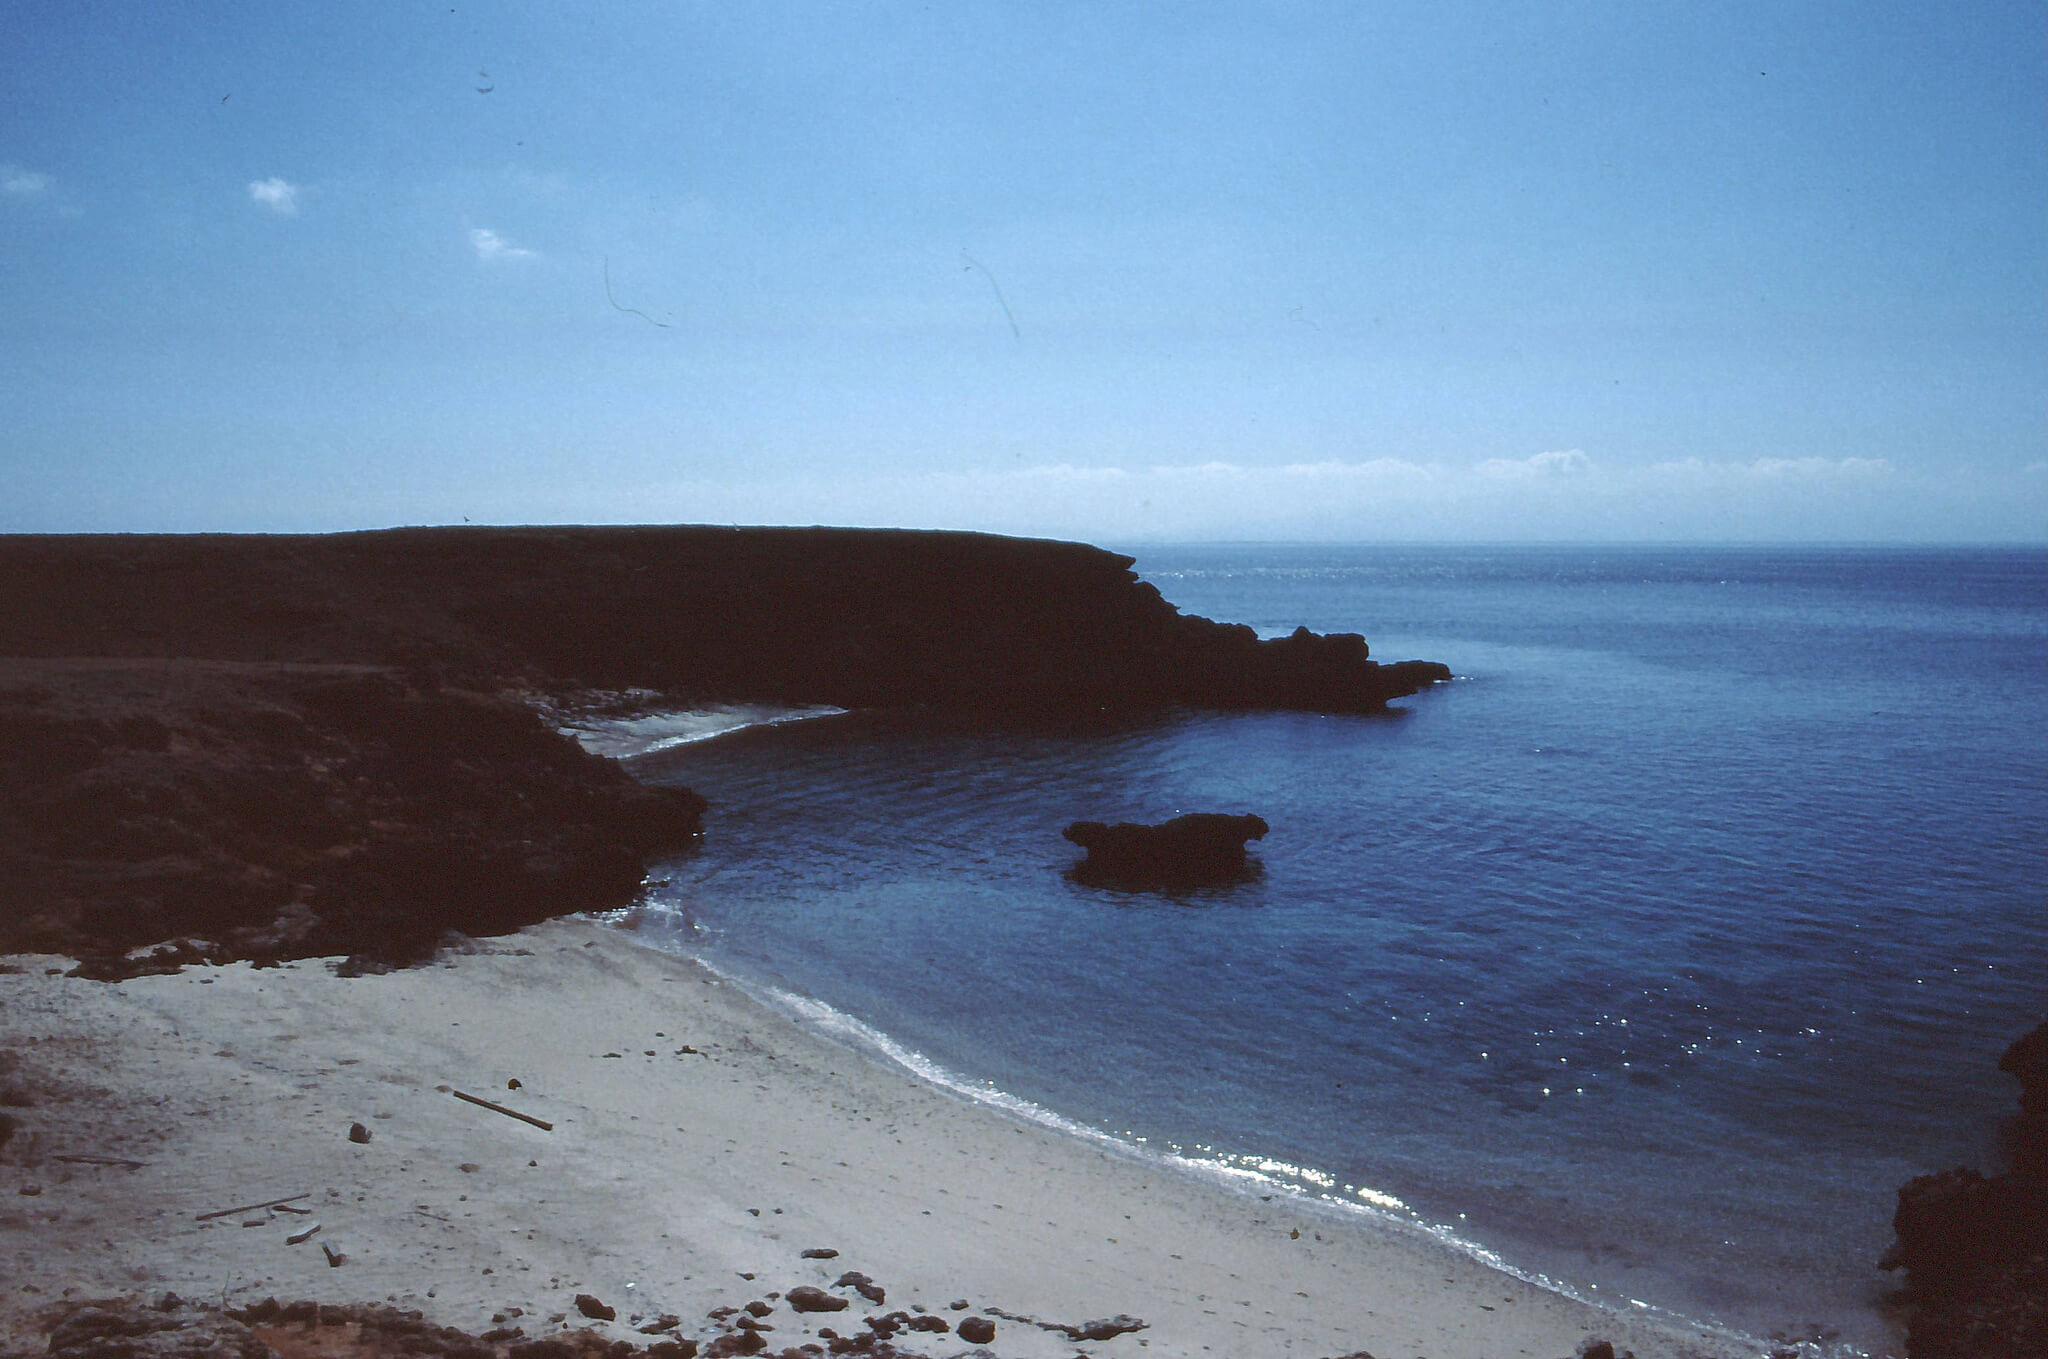 Daymaniyat Island - одно из лучших мест для дайвинга